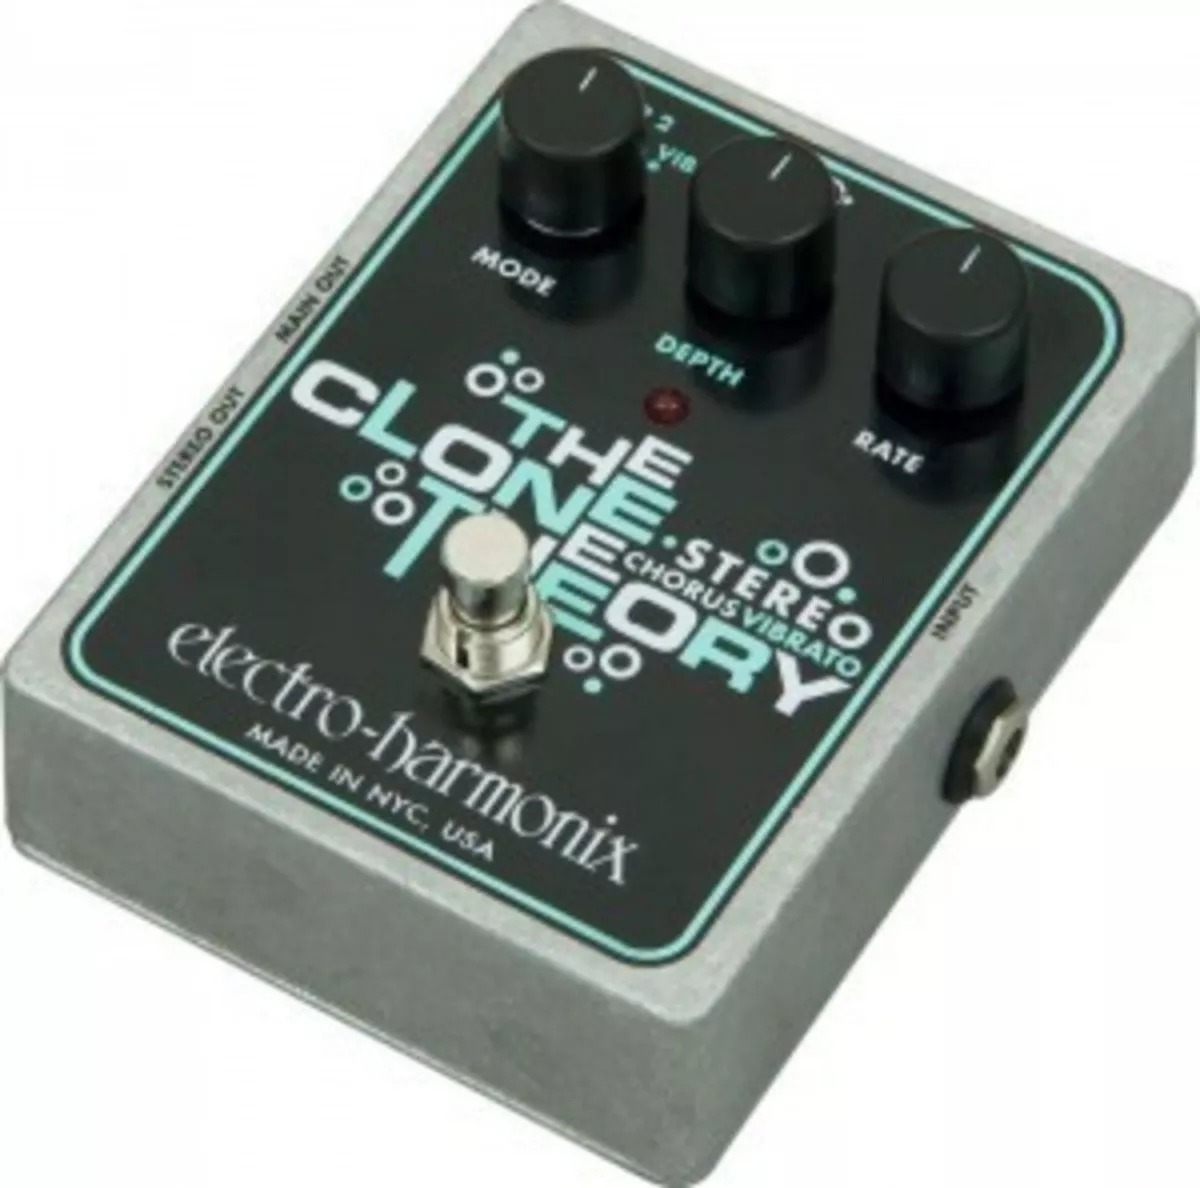 Electro-Harmonix Stereo Clone Theory Chorus